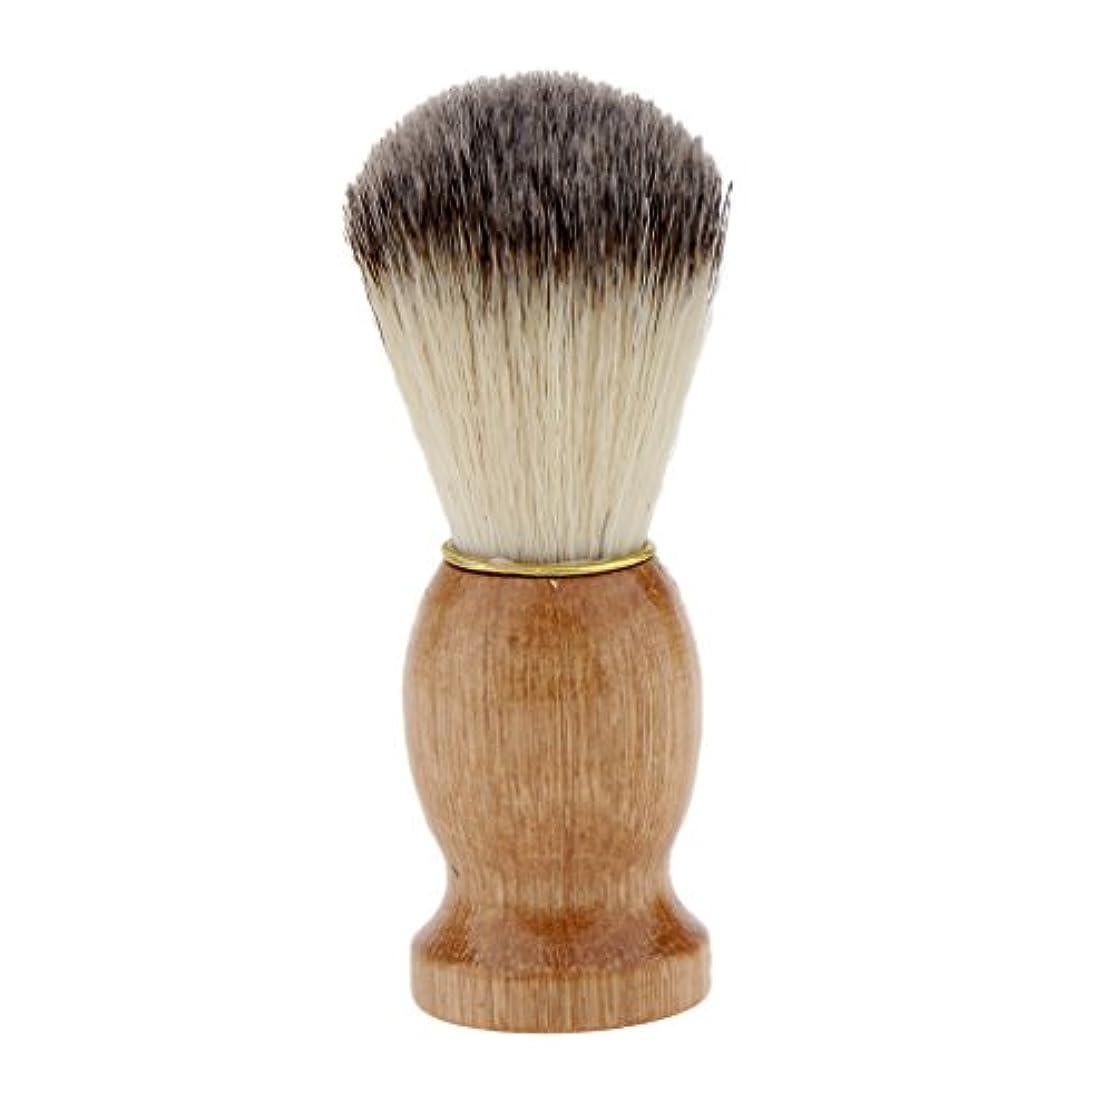 ウィスキーインテリア酸CUTICATE シェービングブラシ 理容師 シェービングブラシ ひげ剃りブラシ コスメブラシ 木製ハンドル